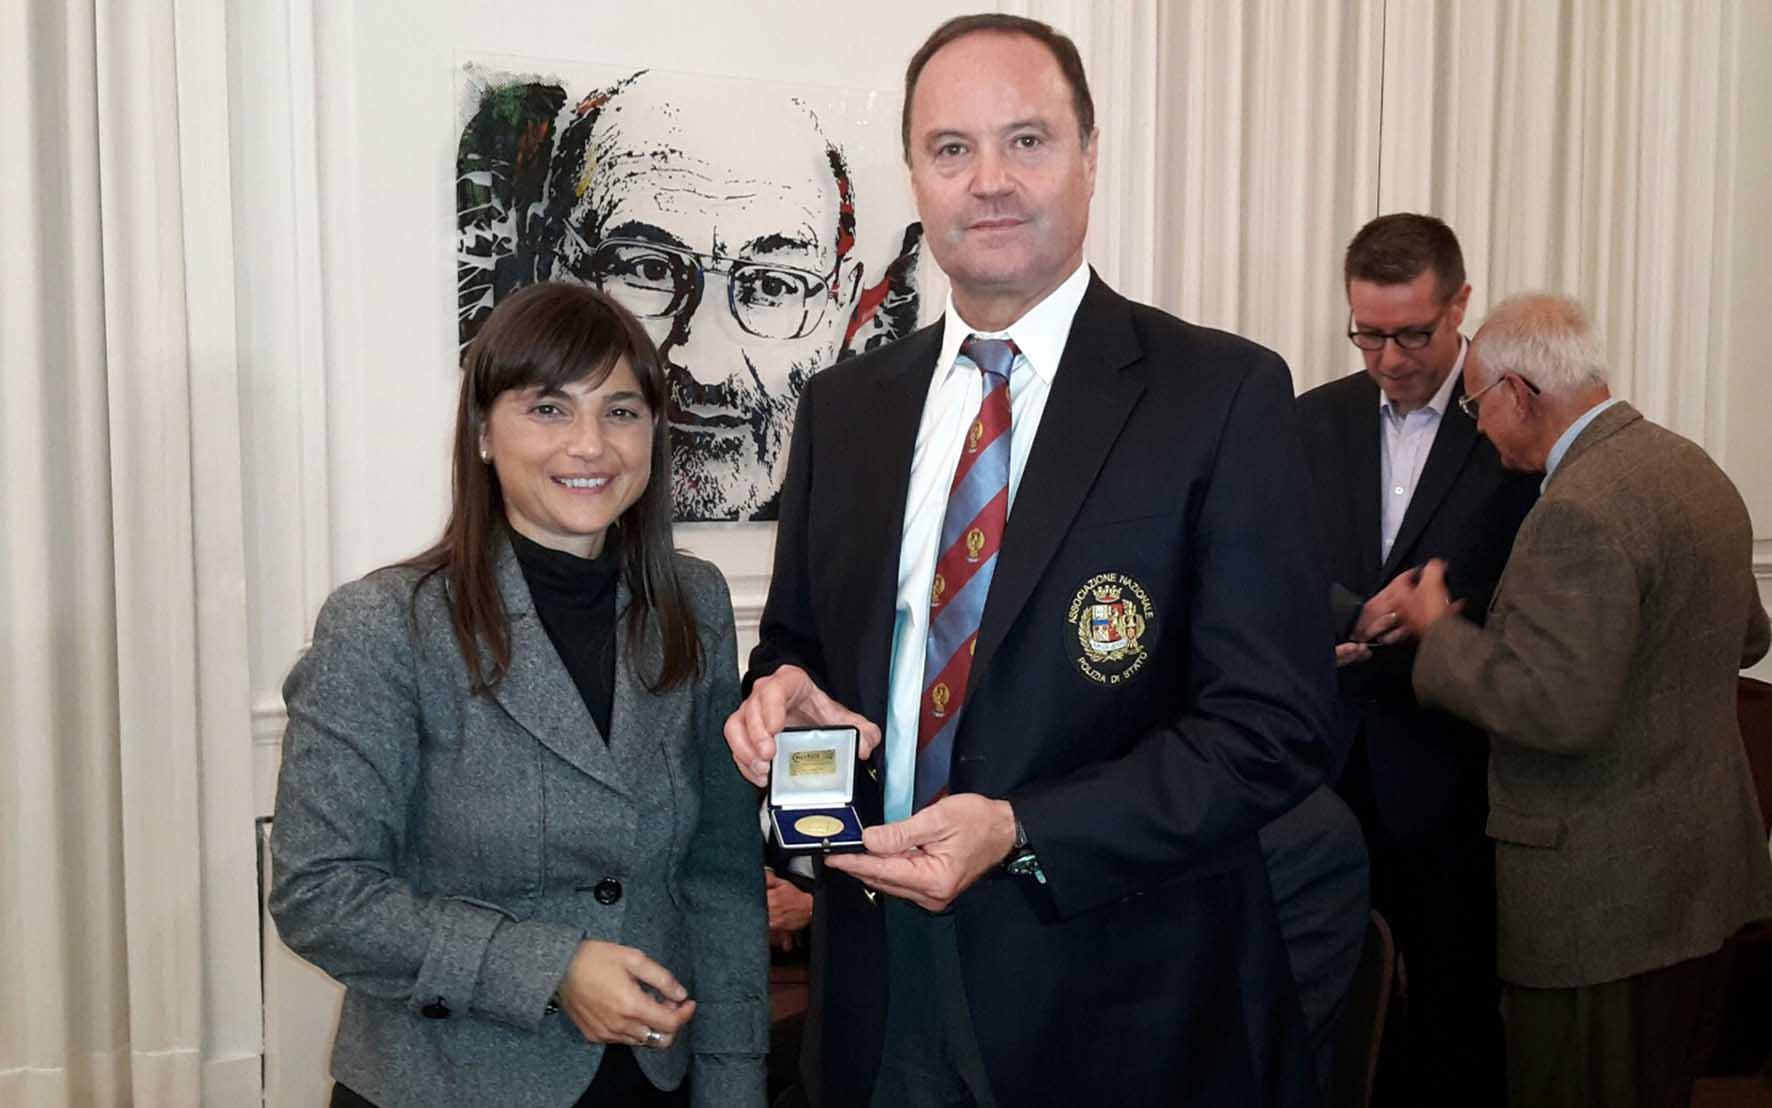 FVG delegazione NY Debora Serracchiani e Giuseppe Clemente Pres Fogolar Furlan NY